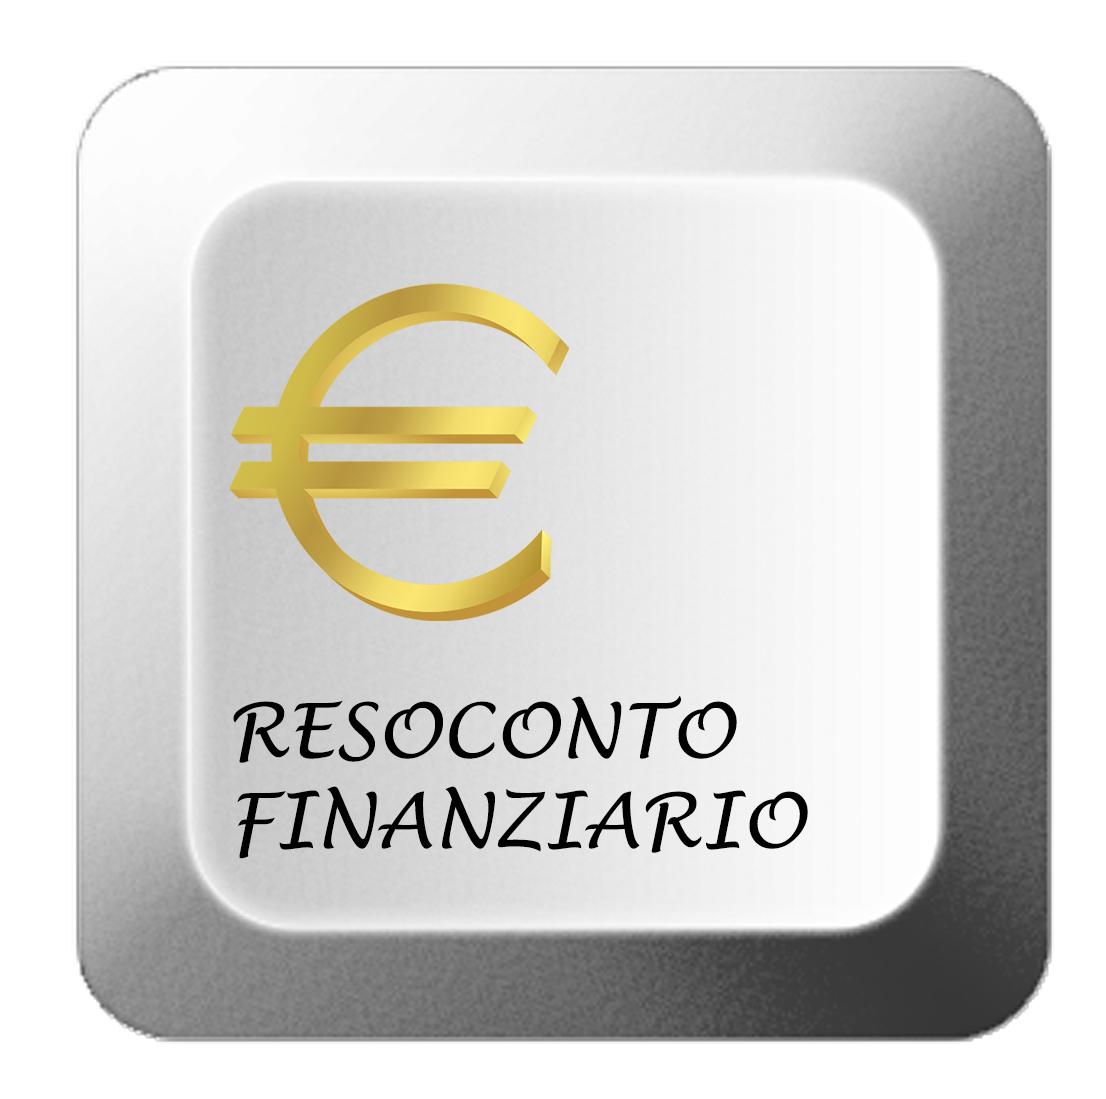 Resoconto Finanziario